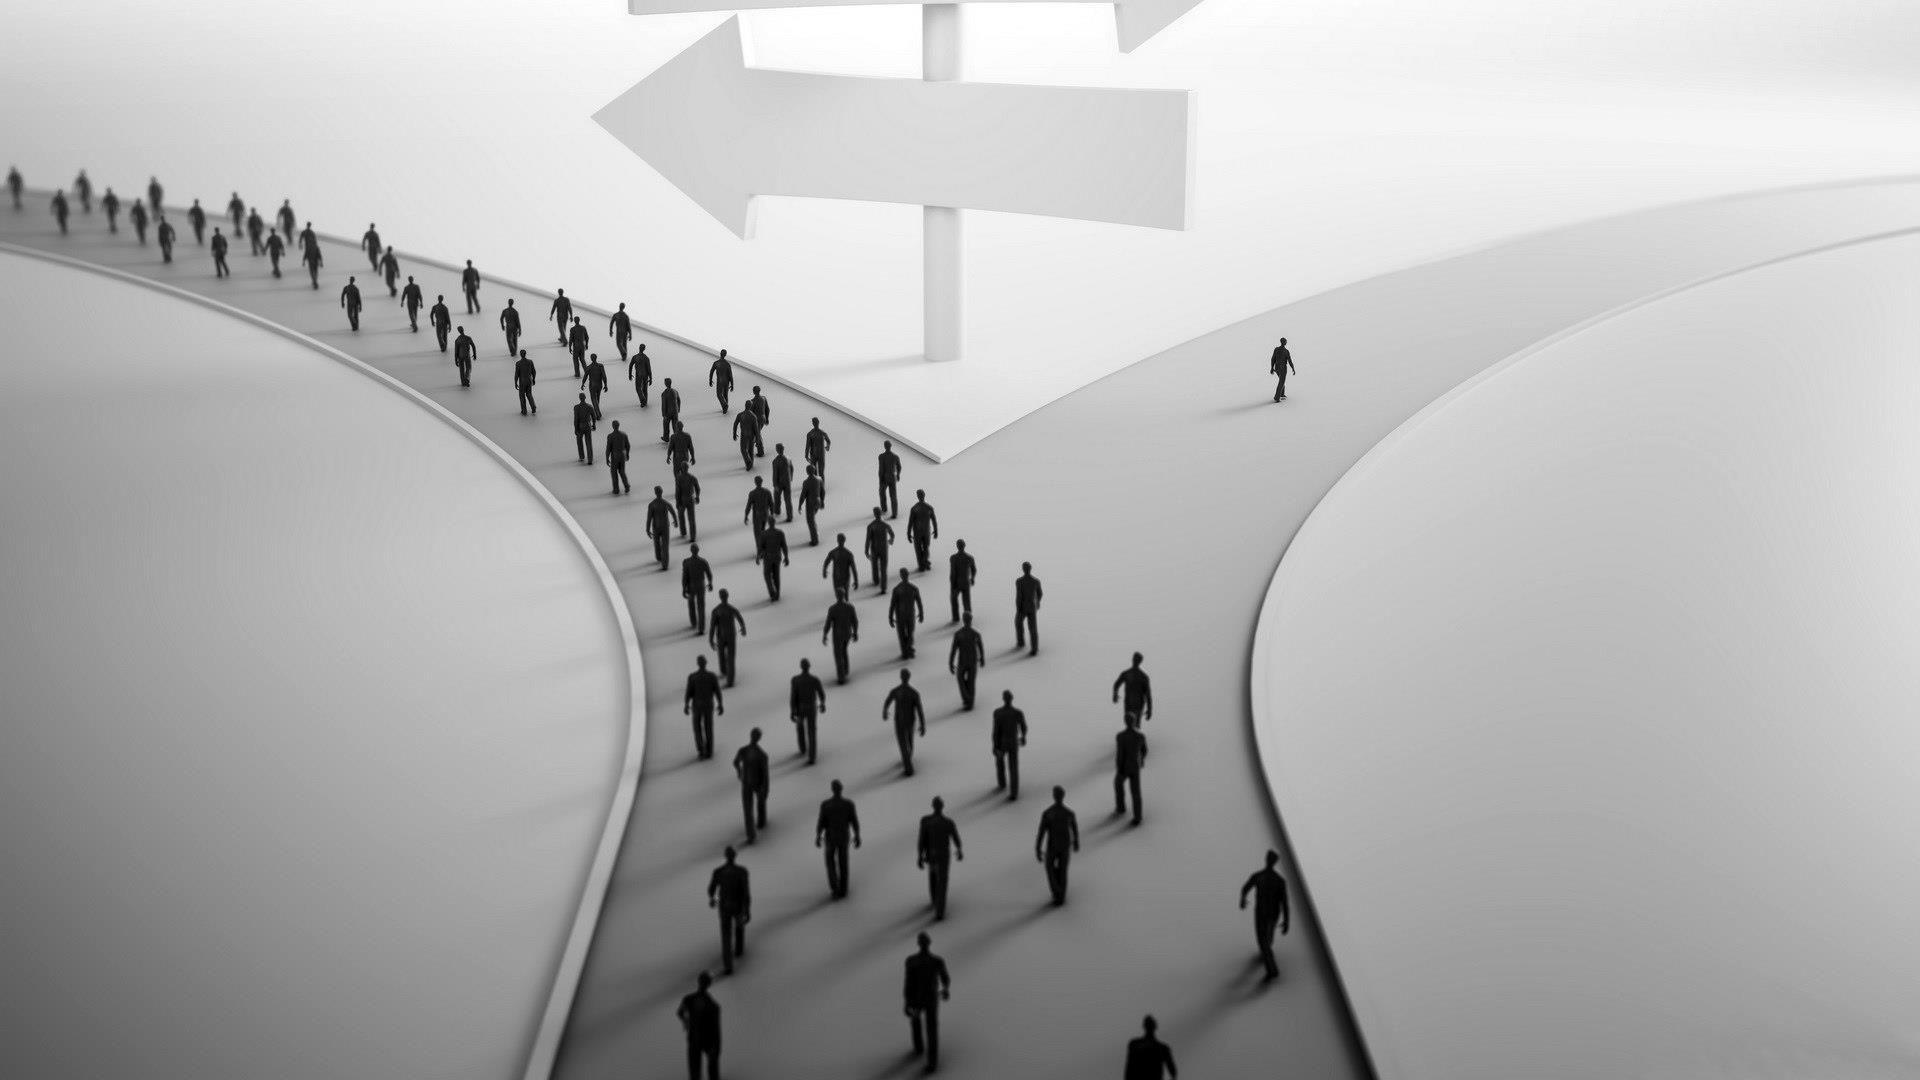 Pour un véritable droit à l'erreur : passons du savoir théorique au savoir-être - Jérôme Adam - Conférencier Entrepreneur